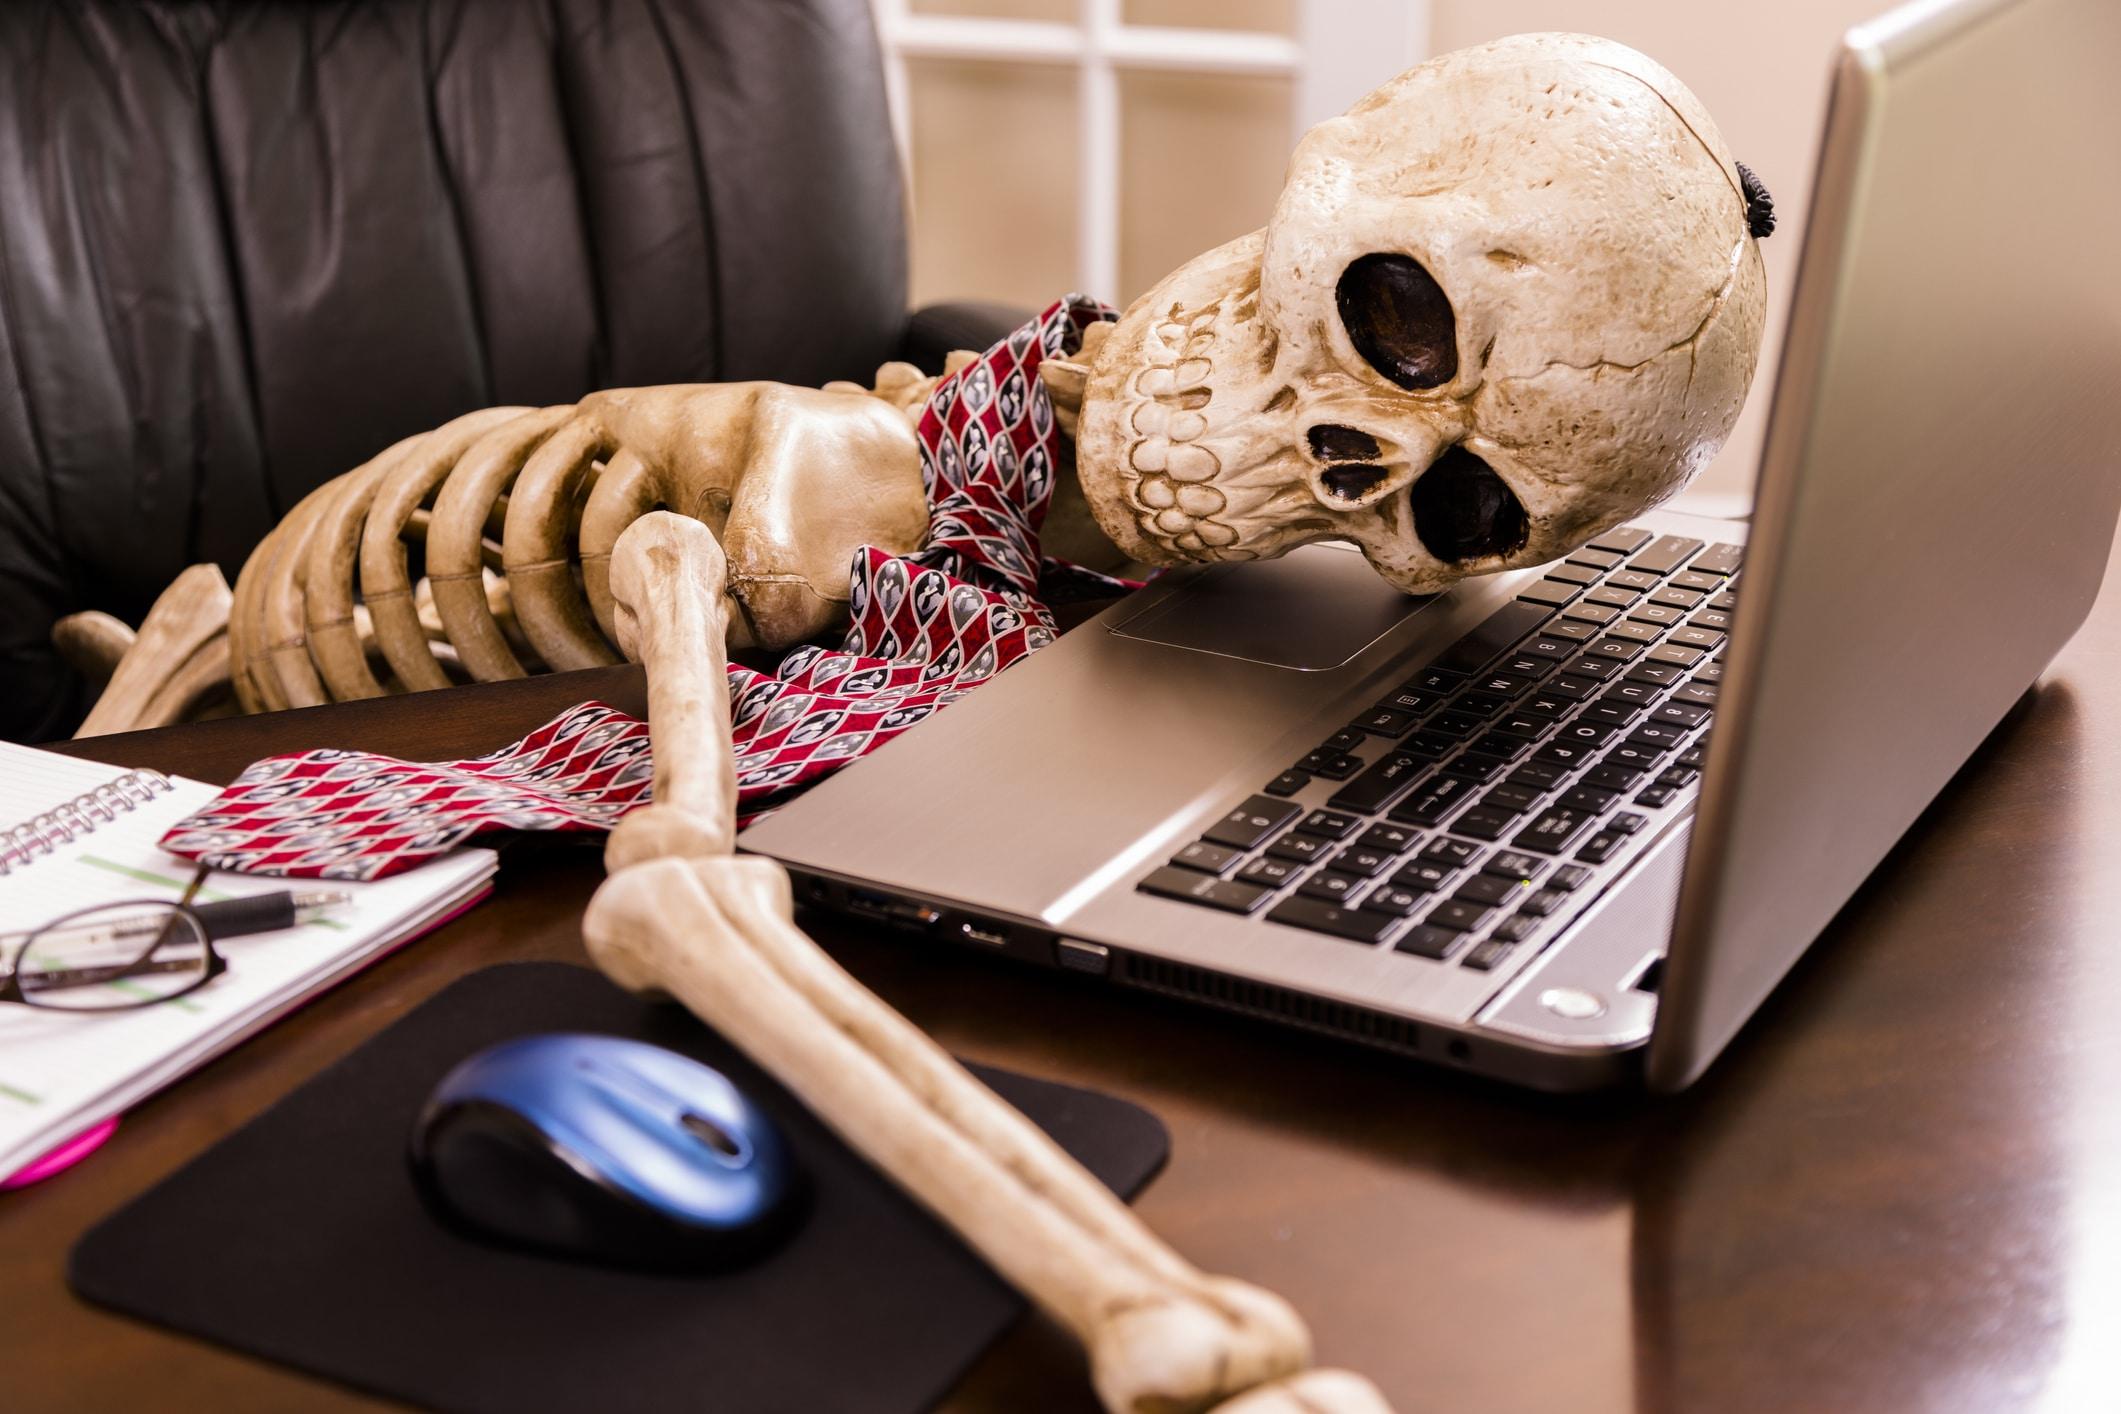 Skelett liegt vor Pc wegen zu langer Internetrecherche